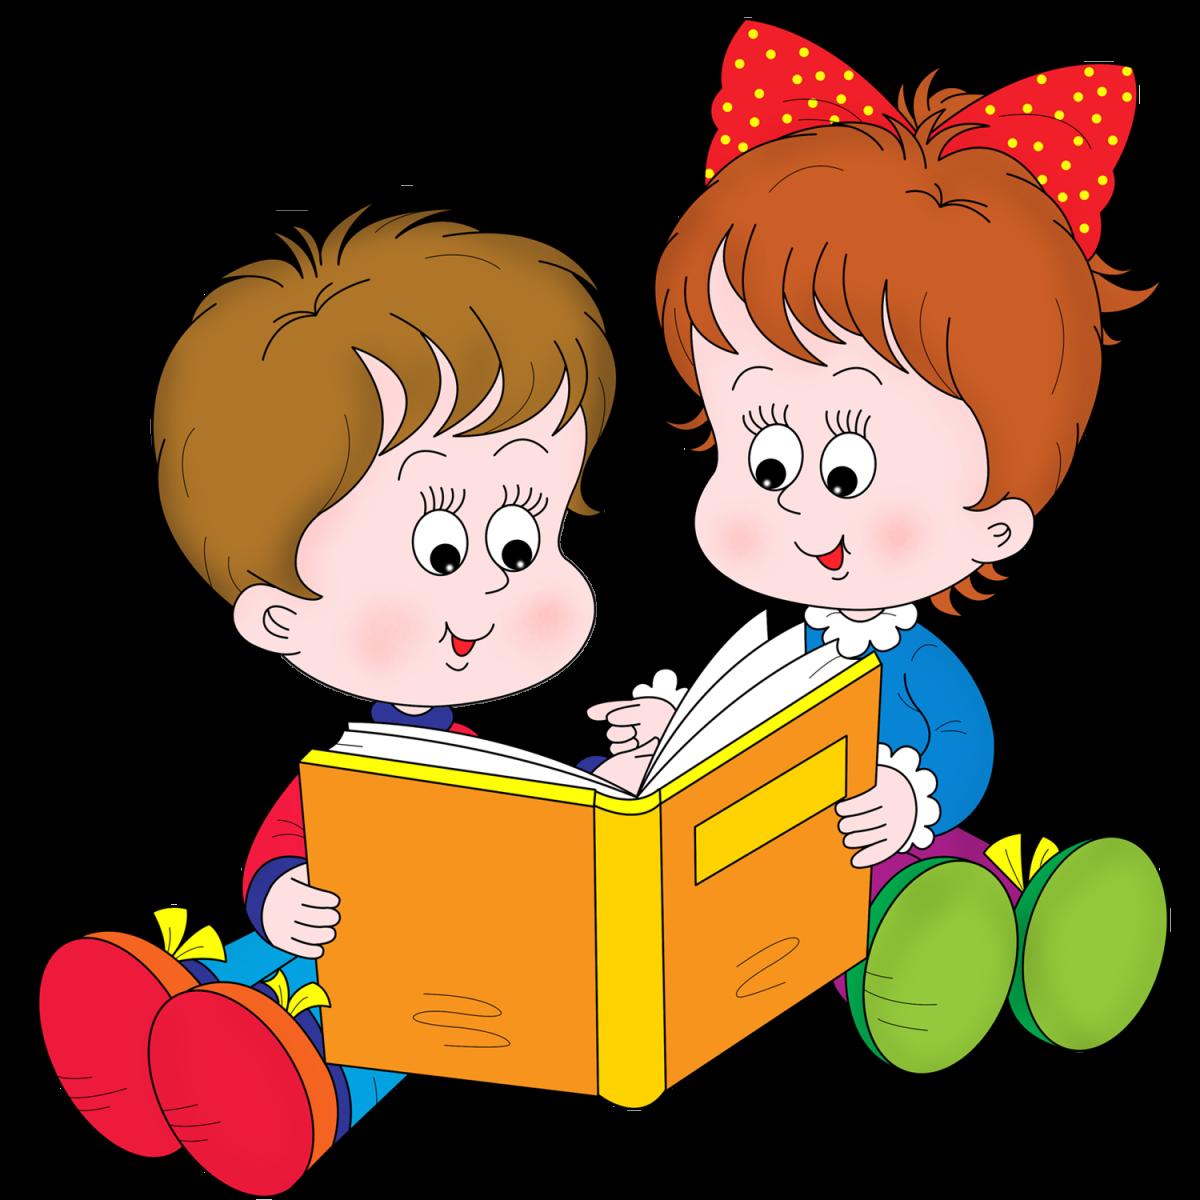 картинки с детьми читающими книги очень нежный